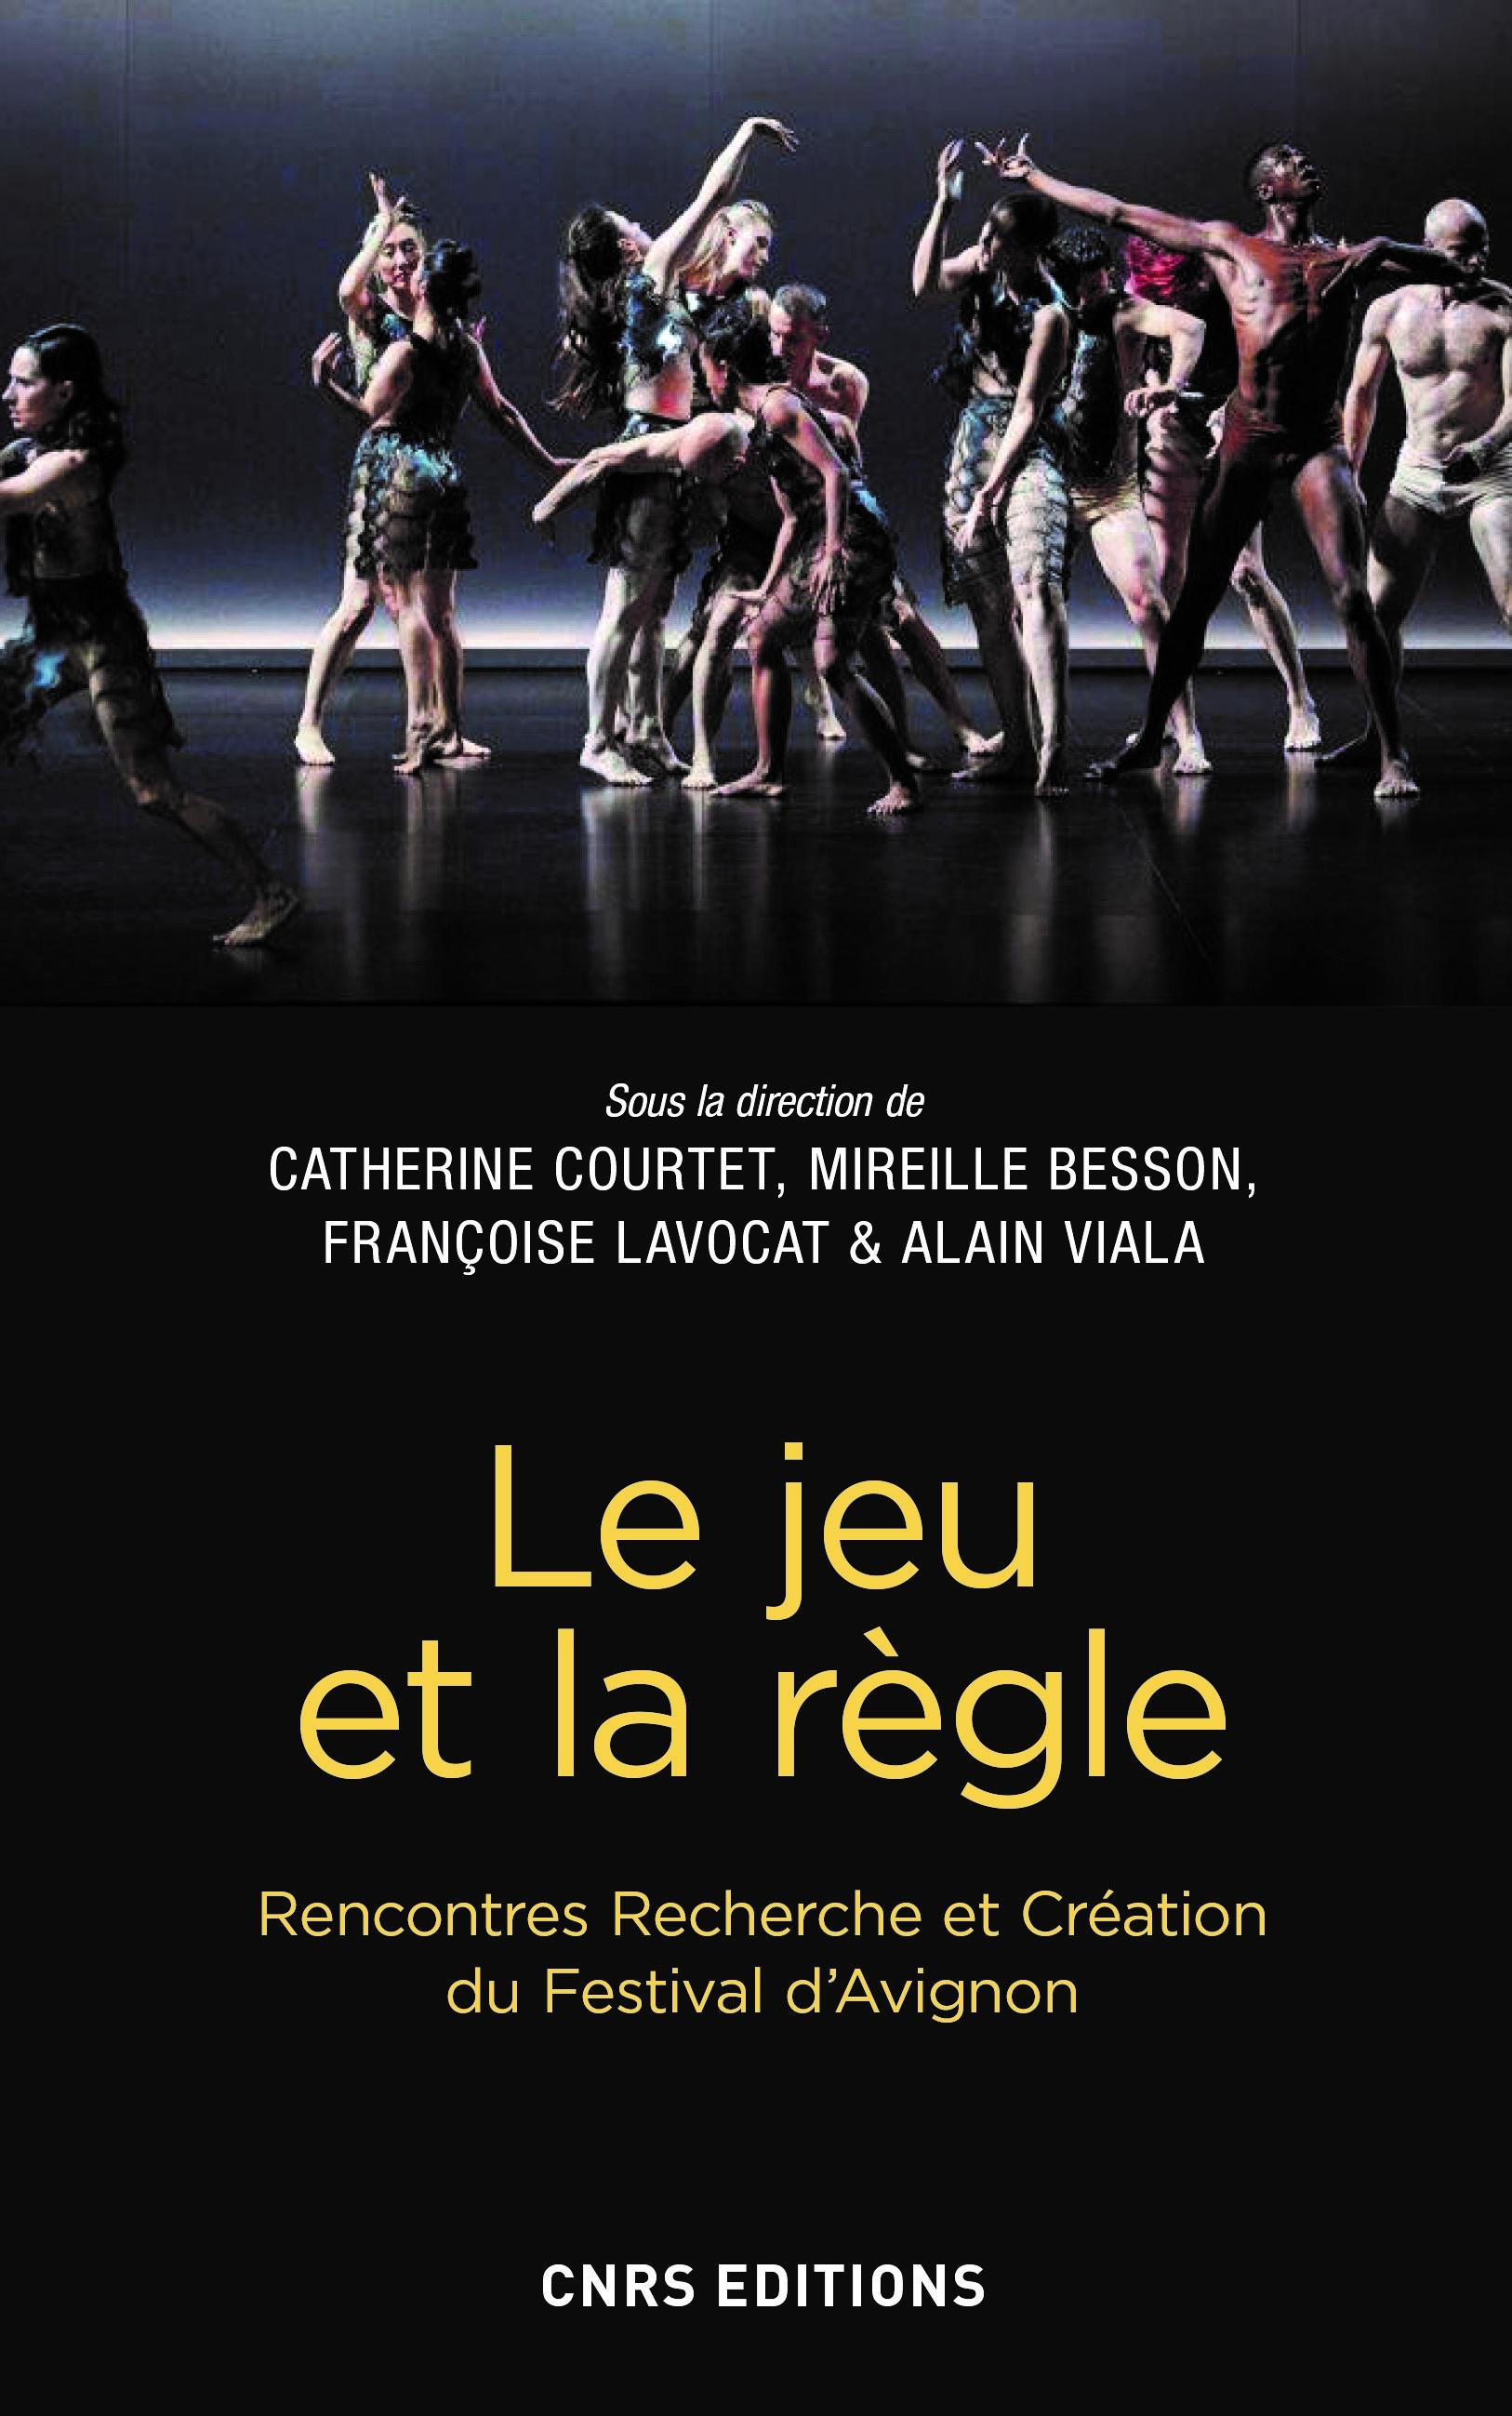 Les 9, 10 et 11 juillet 2019 : Recherche et Création en Avignon ! 6e édition des Rencontres sur les « Traversées des mondes » Forum « Intelligences culturelles »